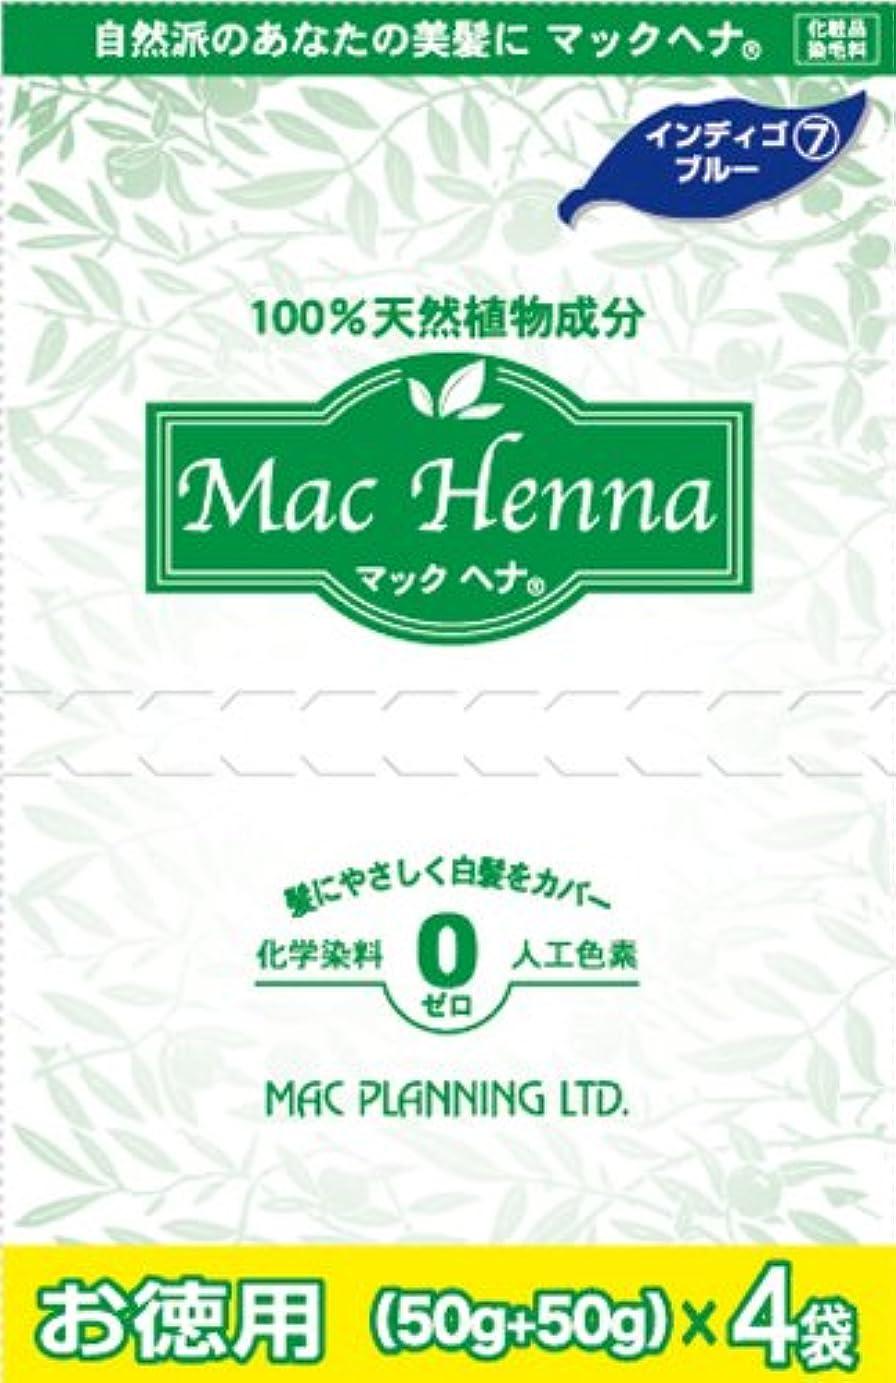 心理的ハグうまくいけば天然植物原料100% 無添加 マックヘナ お徳用(インディゴブルー)-7 400g(50g+50g)×4袋  2箱セット